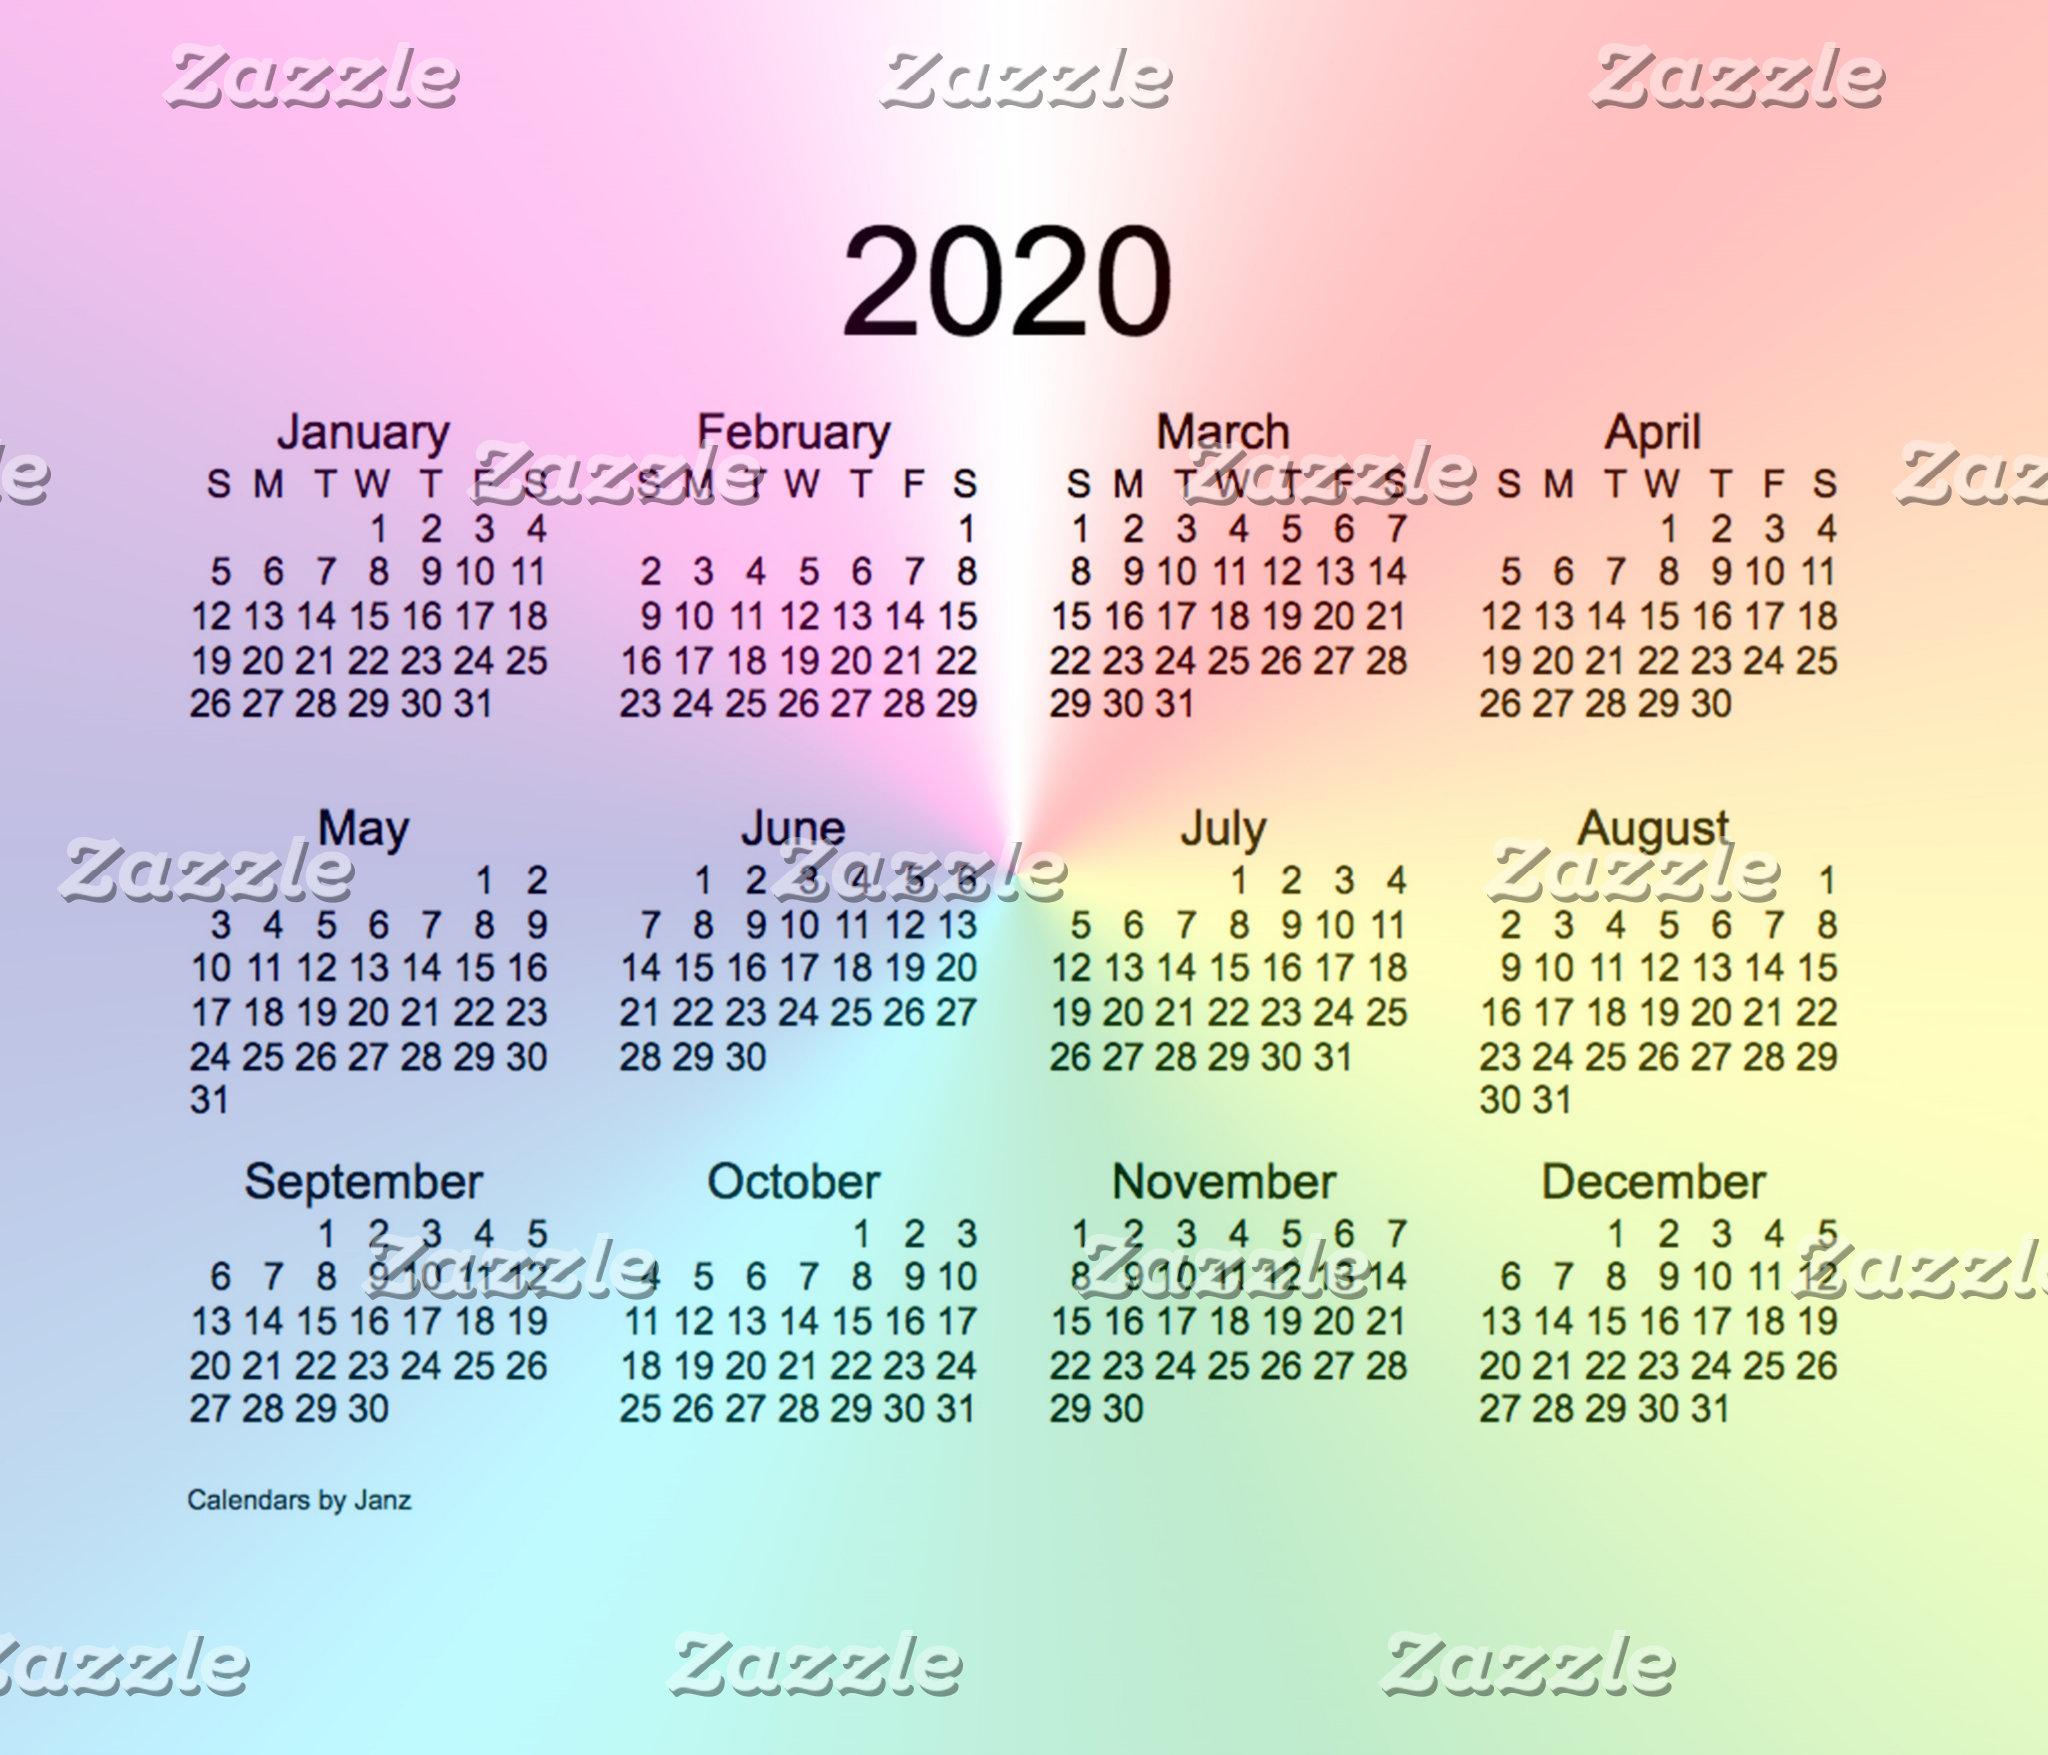 2020 Calendars by Janz